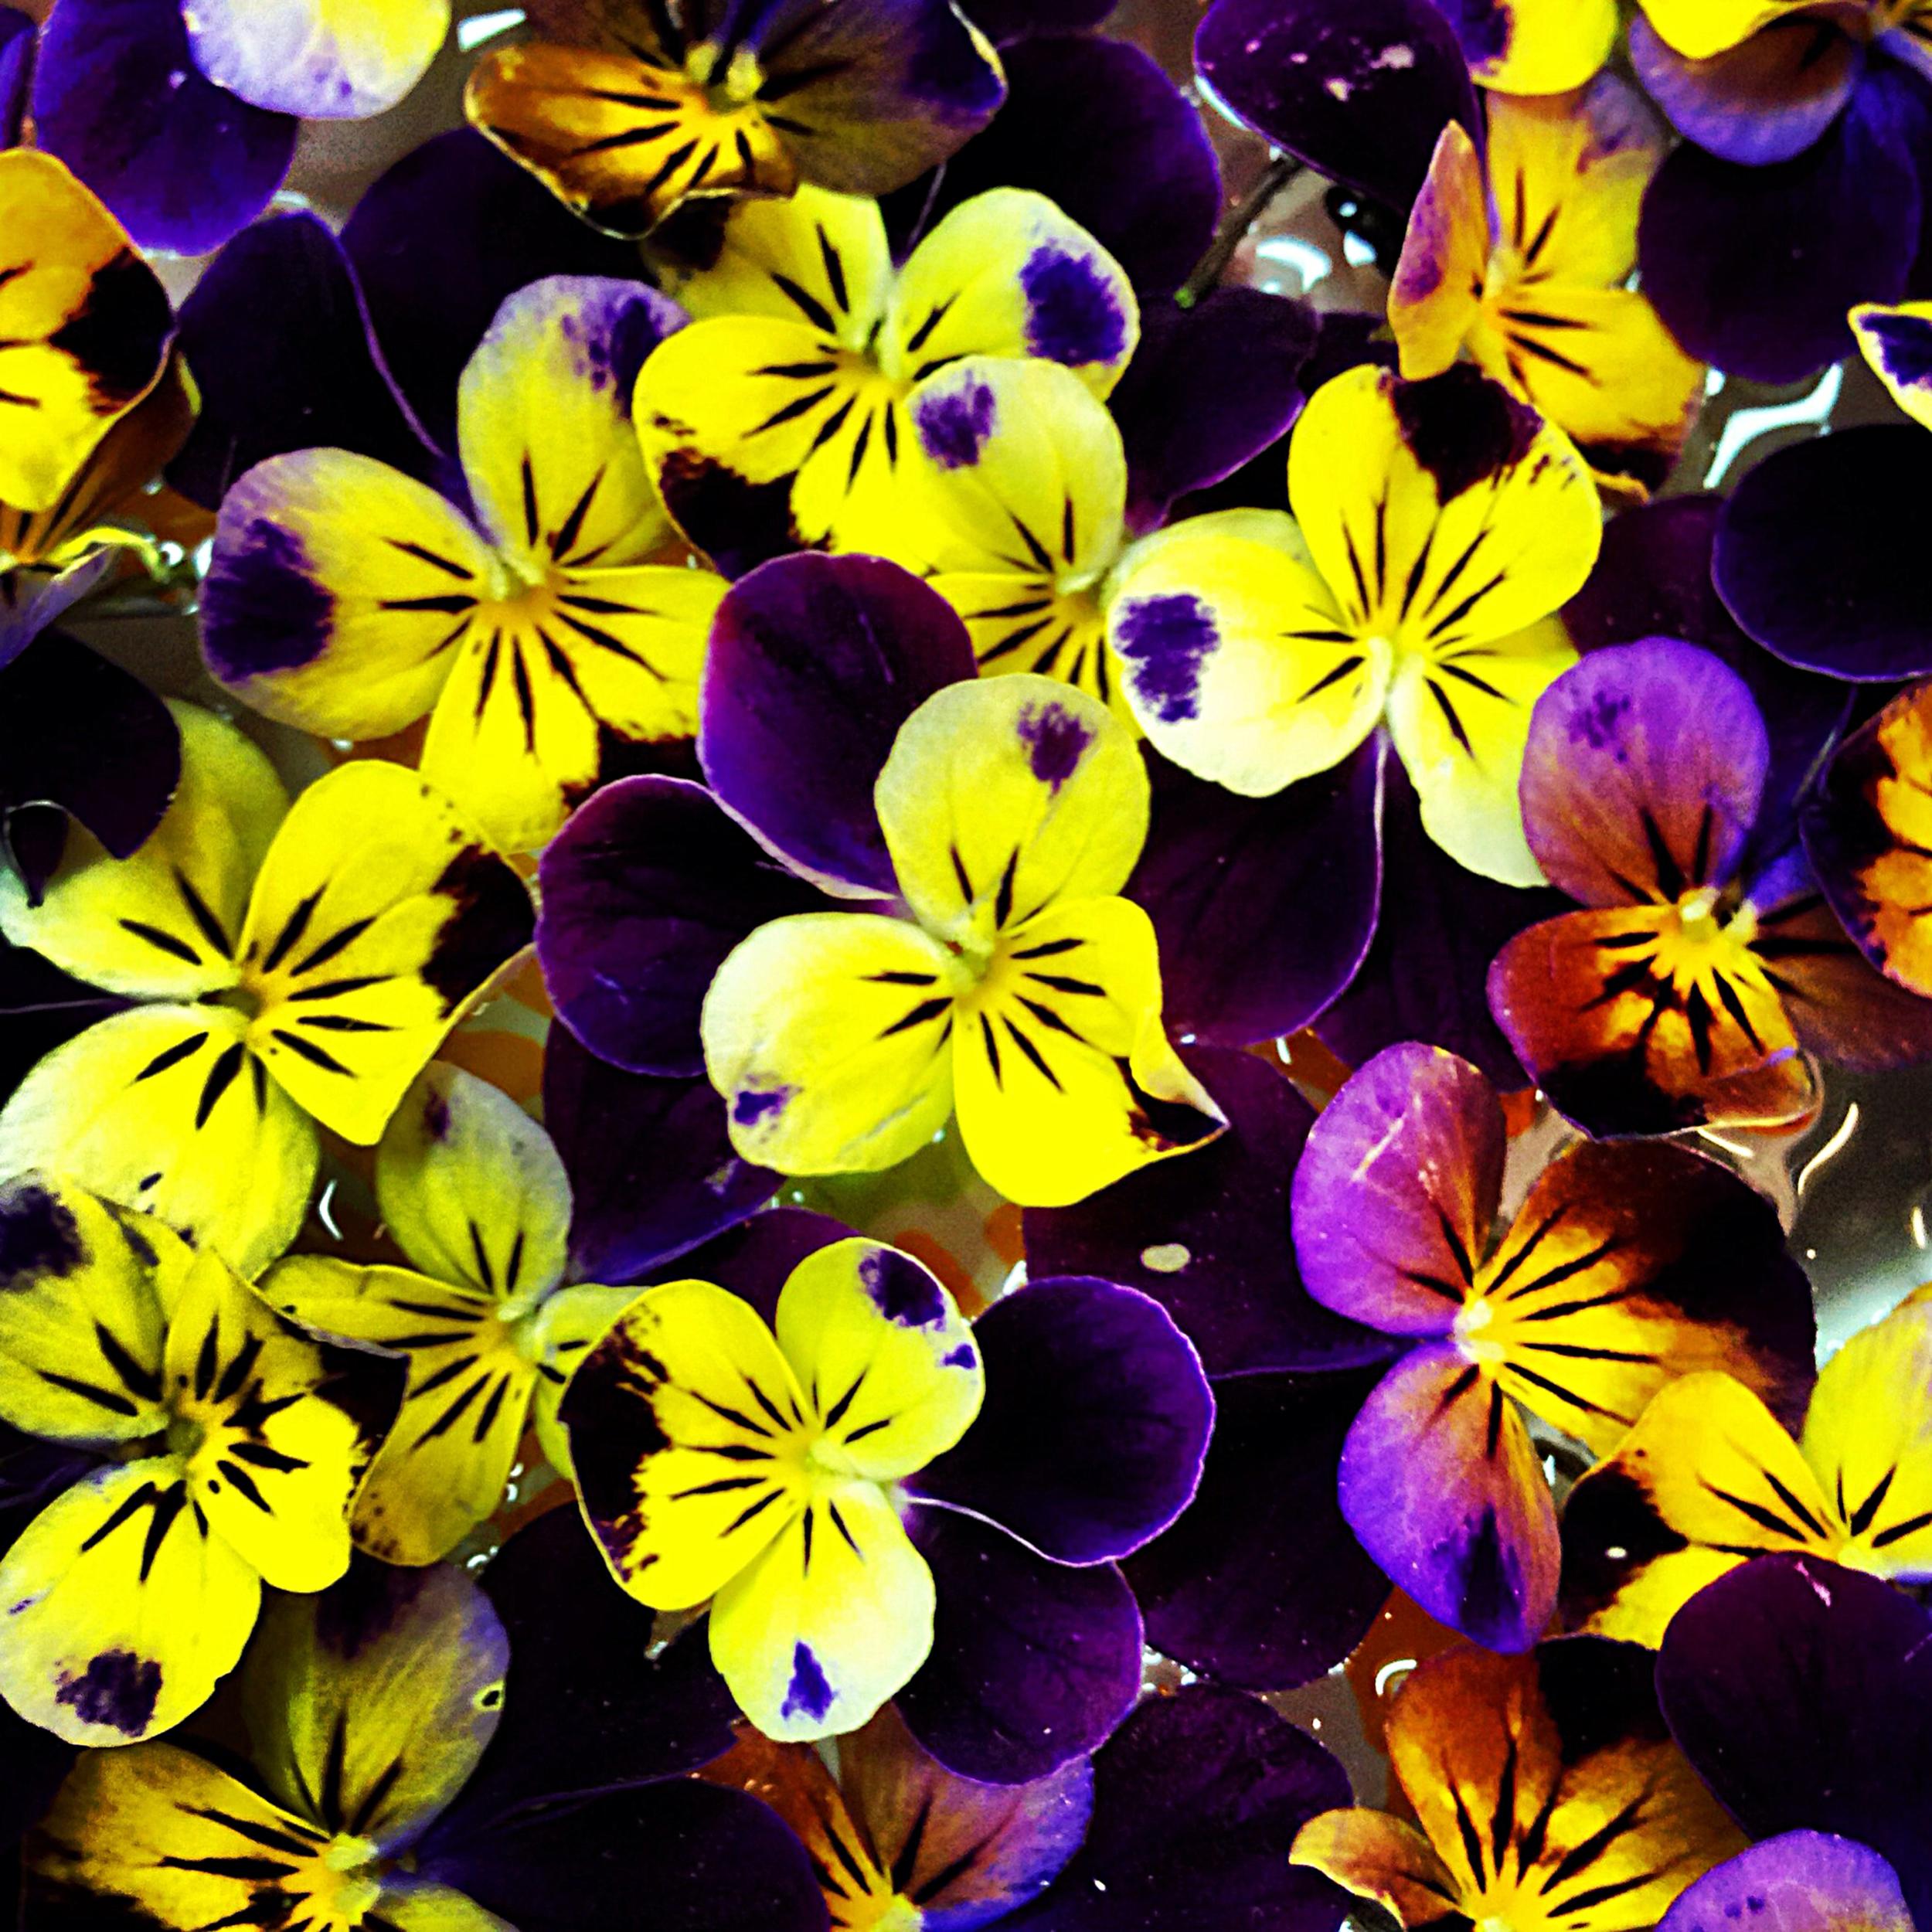 NE_Flowers_082.jpg